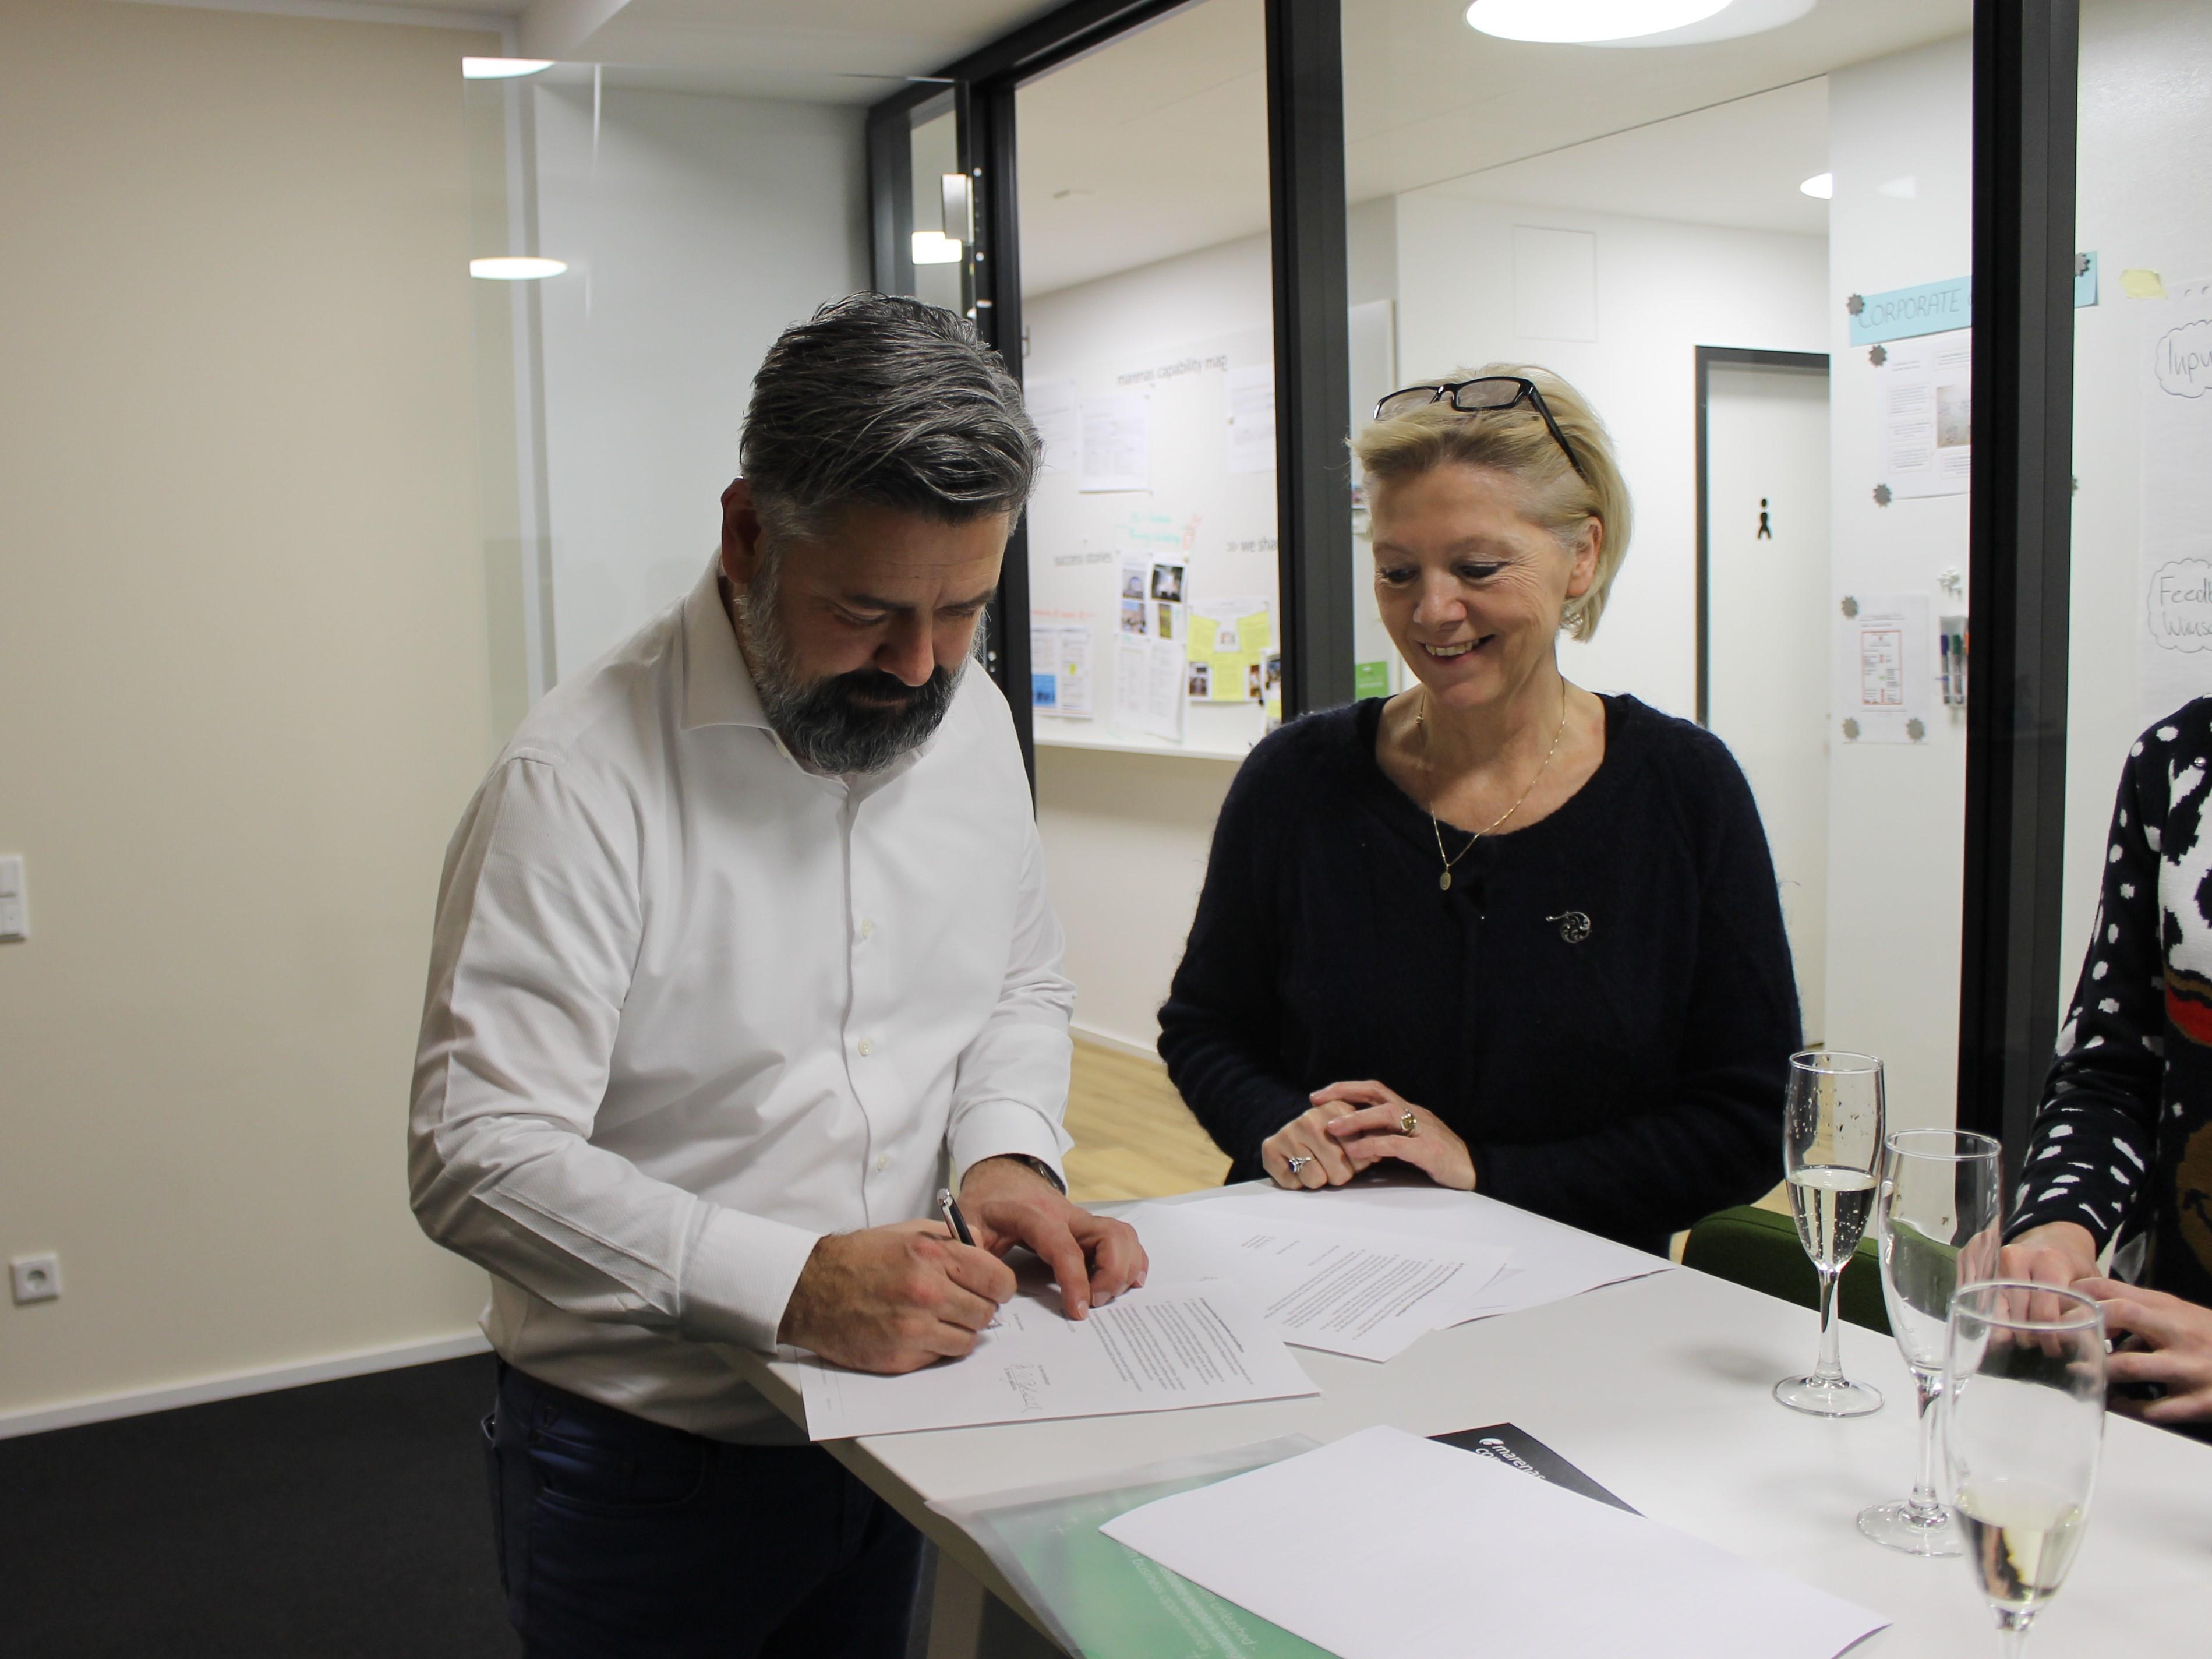 lokales Projekt 2019: Frau Dr. Jakubicka und ihre Arbeit in der Flüchtlingshilfe